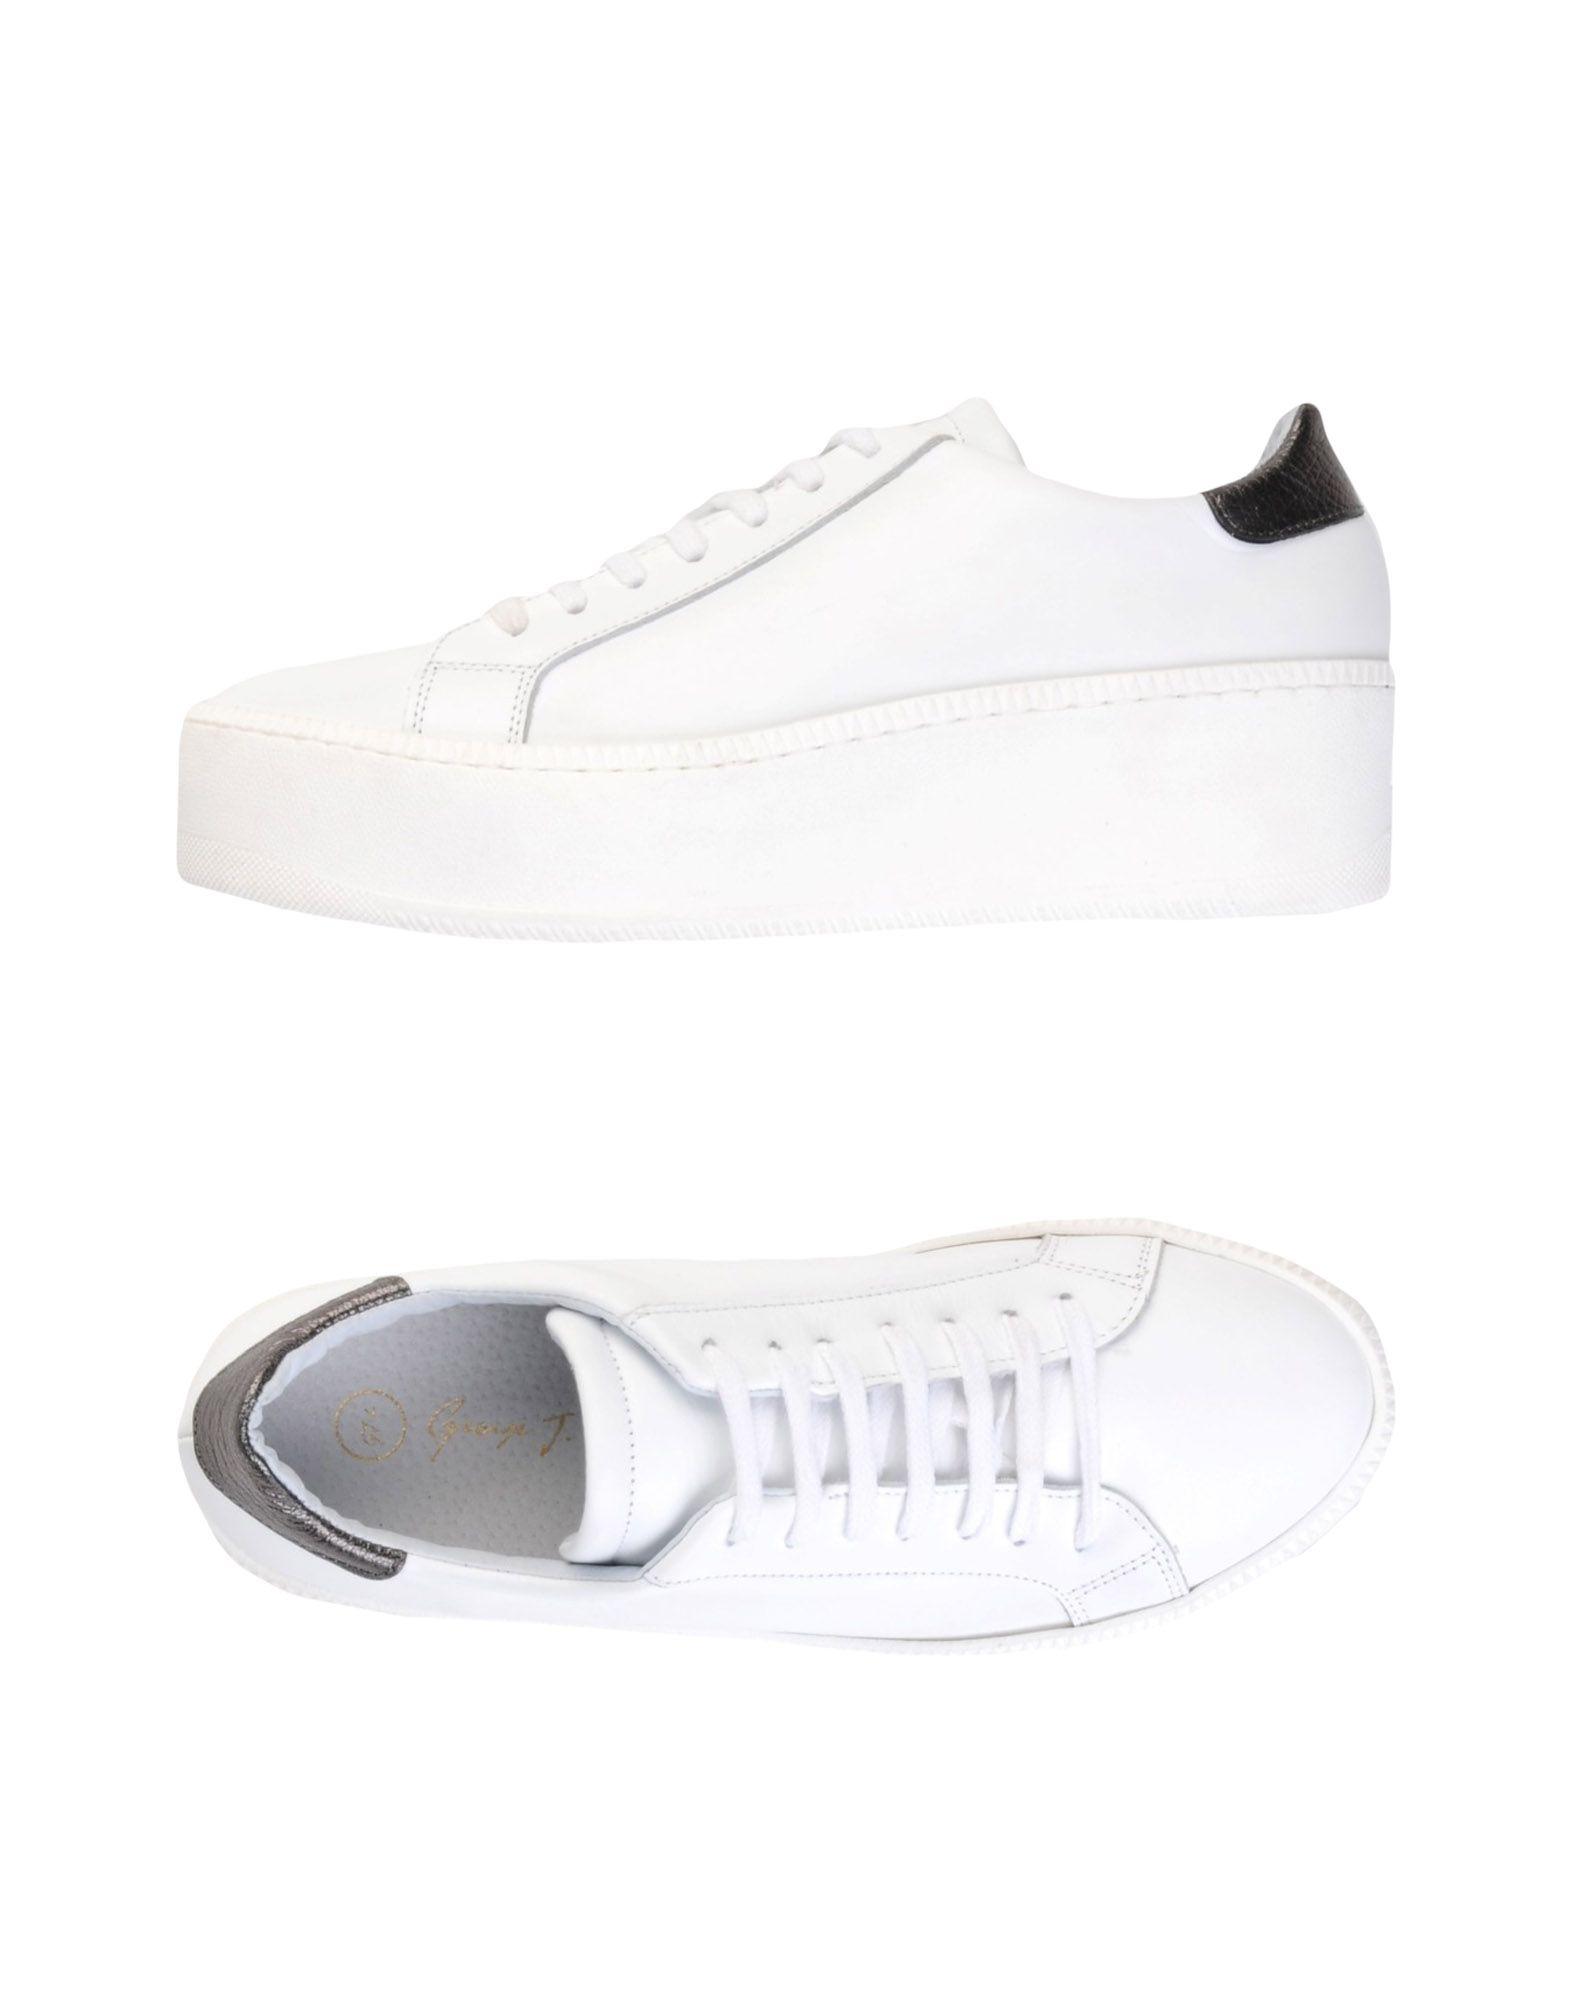 George J. Love Schnürschuhe Damen  11537388MS Gute Qualität beliebte Schuhe